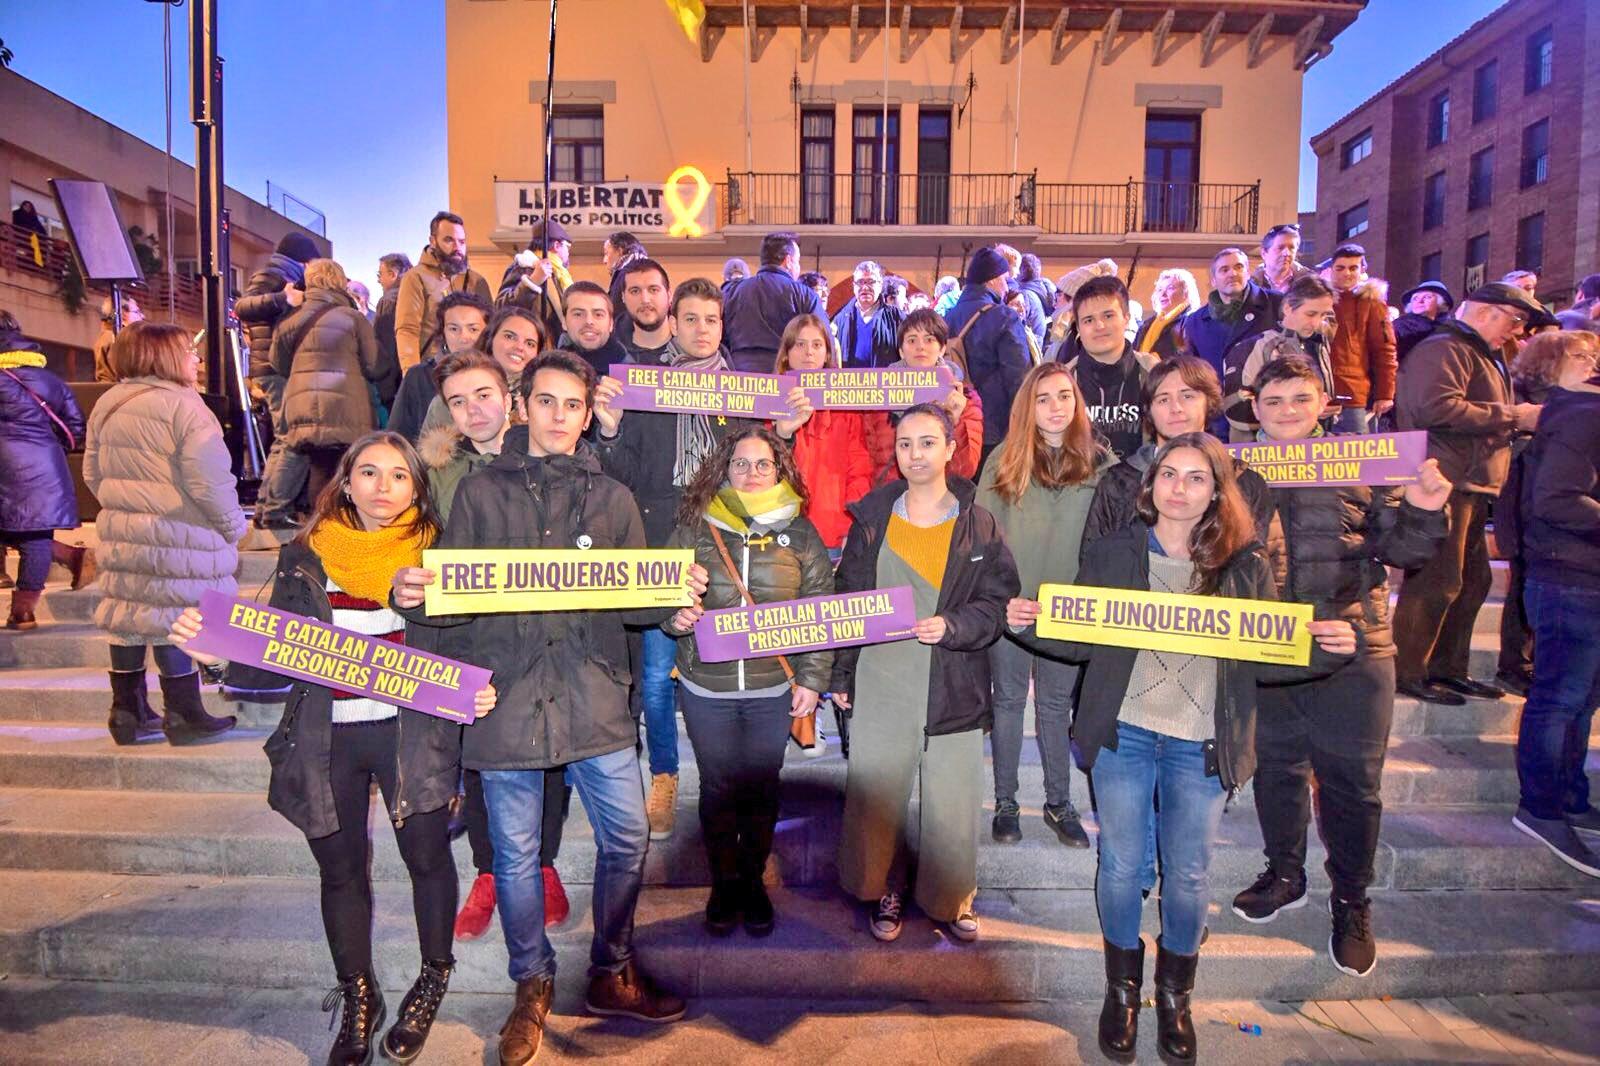 Membres de les JERC d'arreu del territori amb els missatges de la campanya #FreeJunqueras.